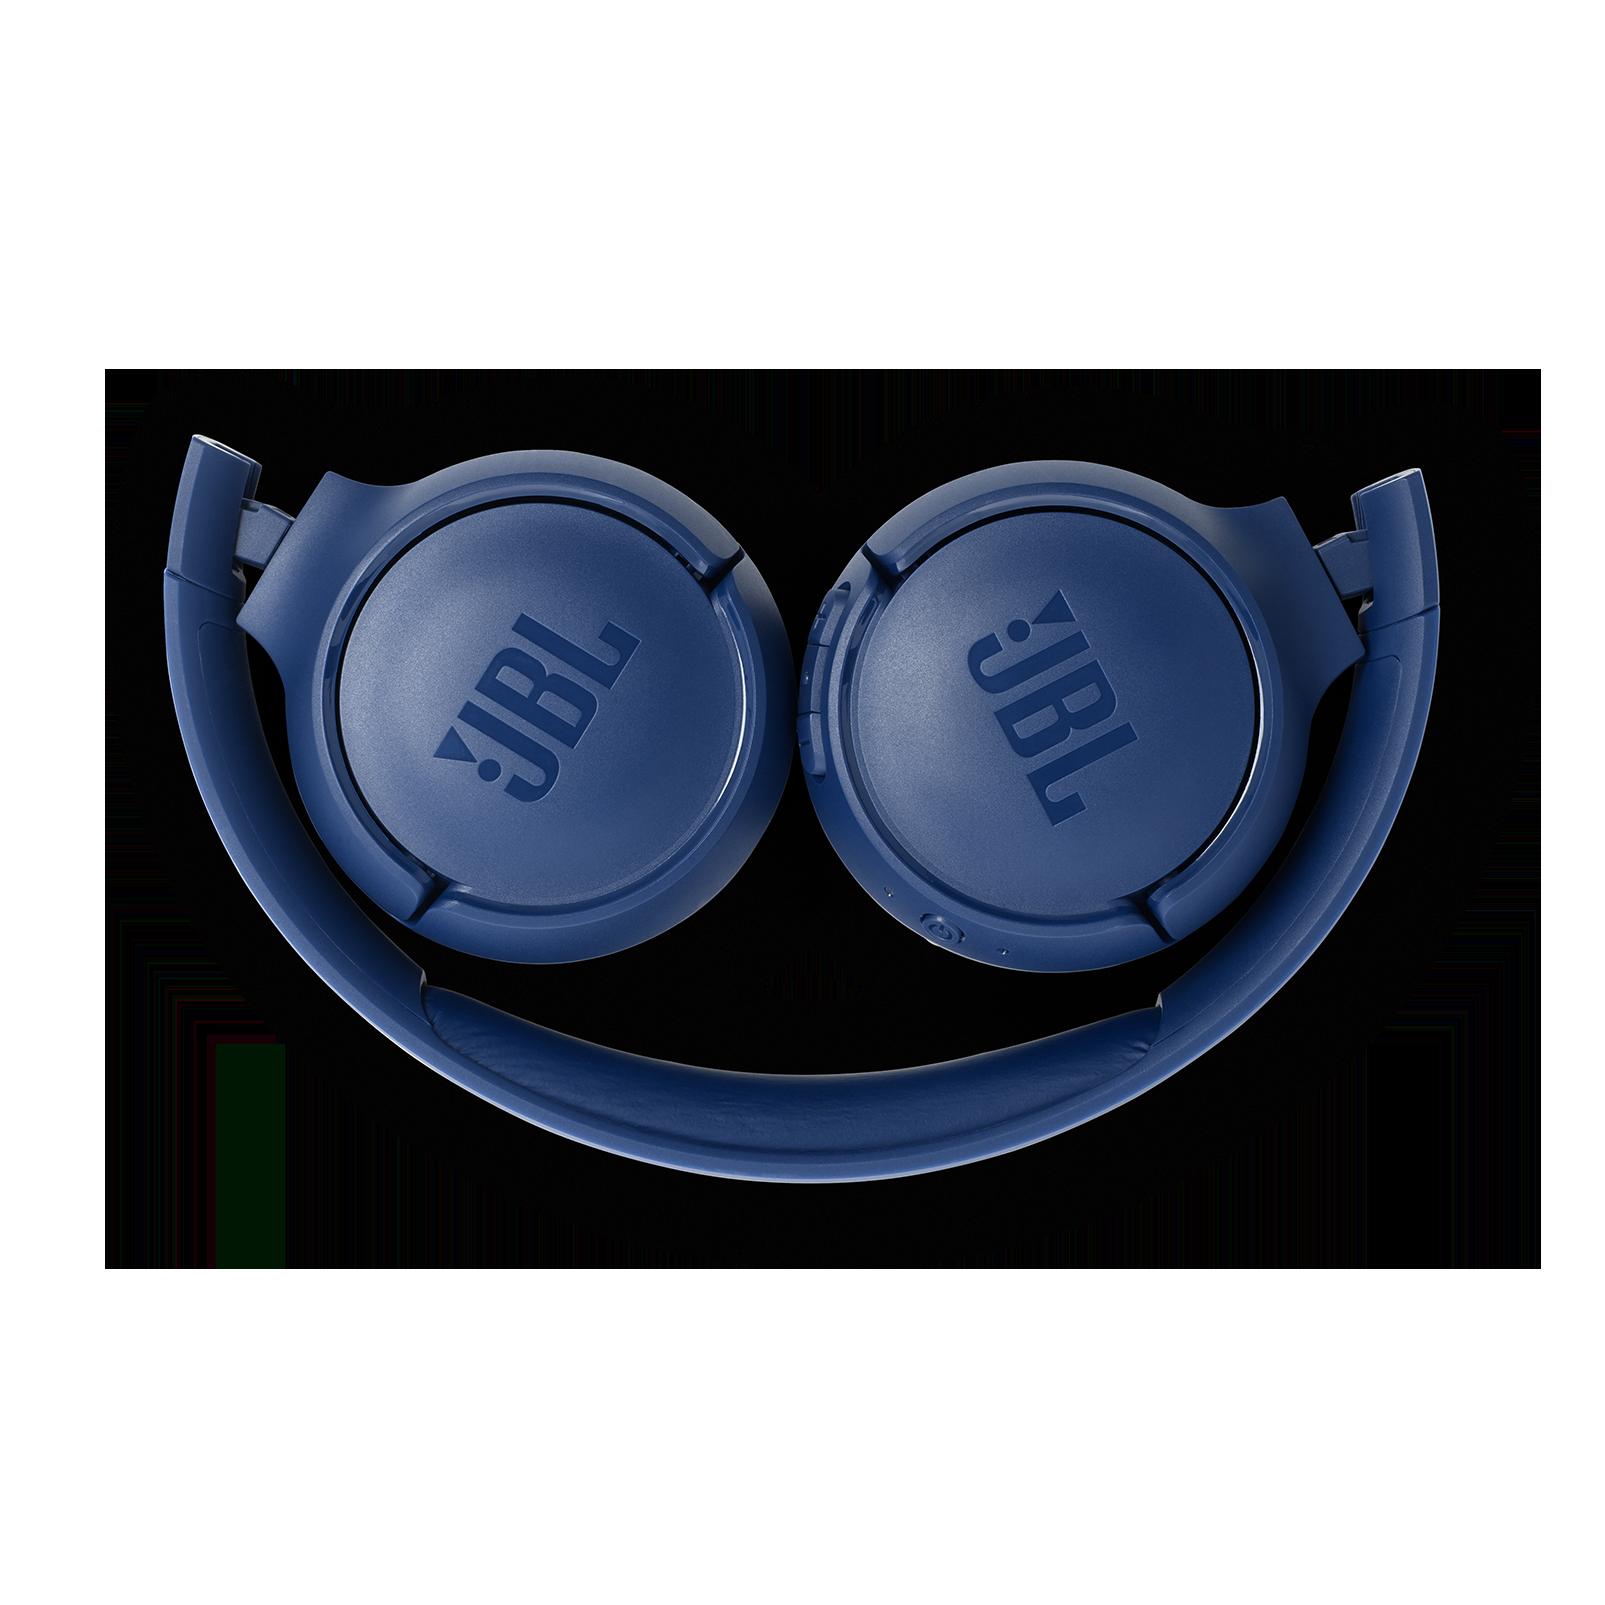 JBL TUNE 560BT - Blue - Wireless on-ear headphones - Detailshot 3